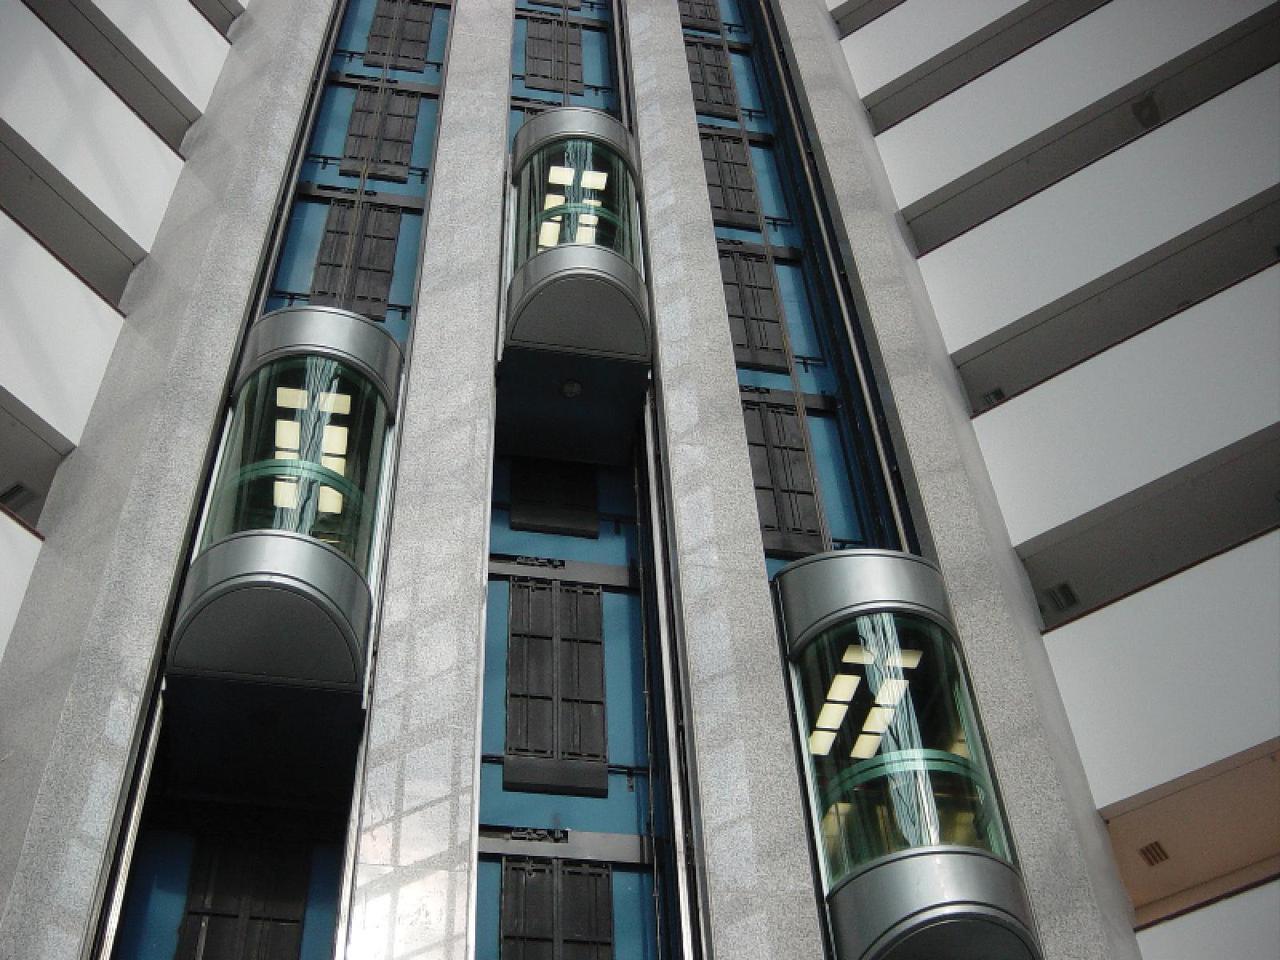 συντηρηση ασανσερ ανελκυστηρα τιμες κοστος ανελκυστηρων